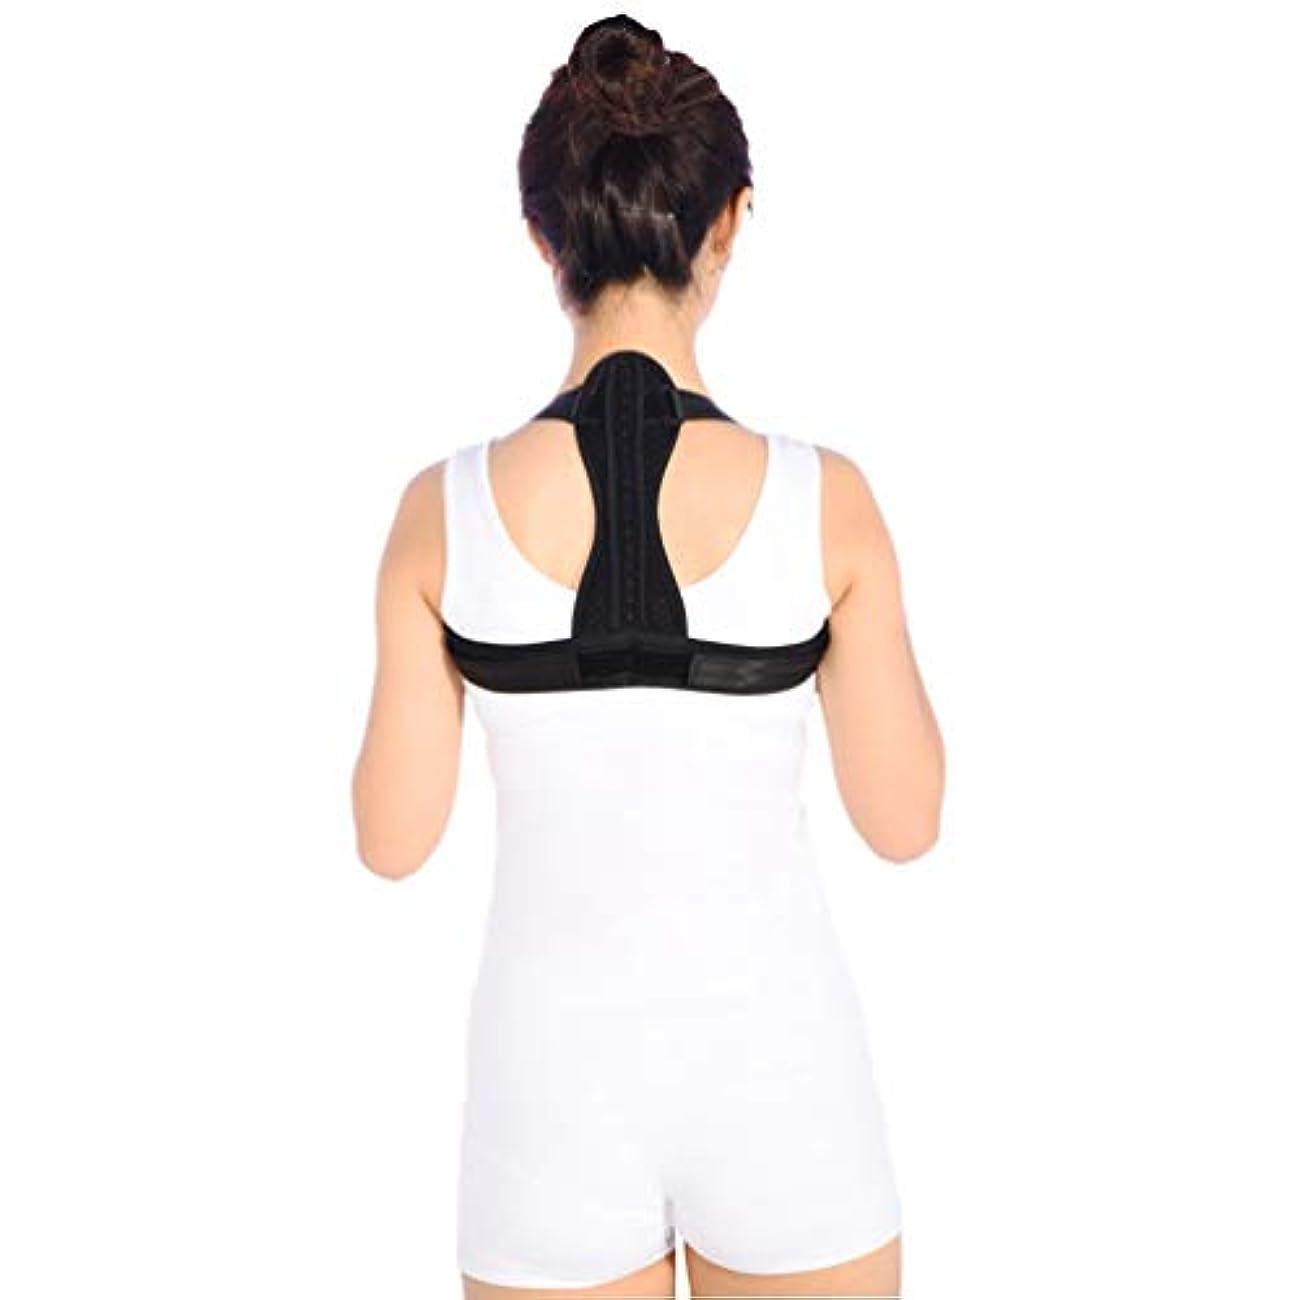 心理的ブレス粘性の通気性の脊柱側弯症ザトウクジラ補正ベルト調節可能な快適さ目に見えないベルト男性女性大人学生子供 - 黒